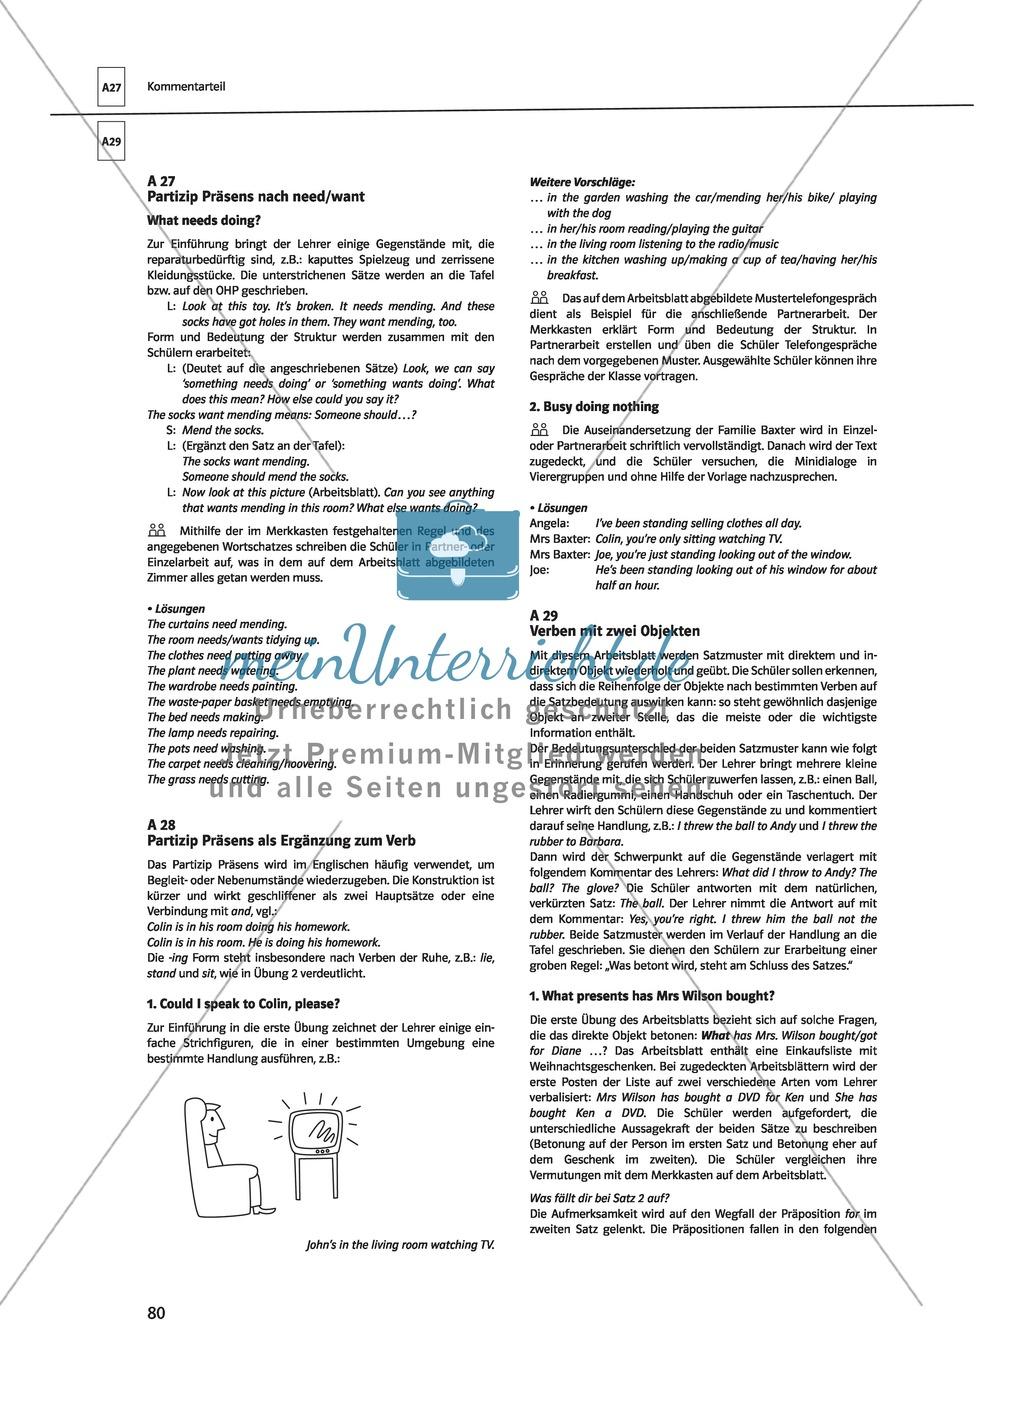 Englische Grammatik üben: Arbeitsblätter zu Partizipien Preview 14